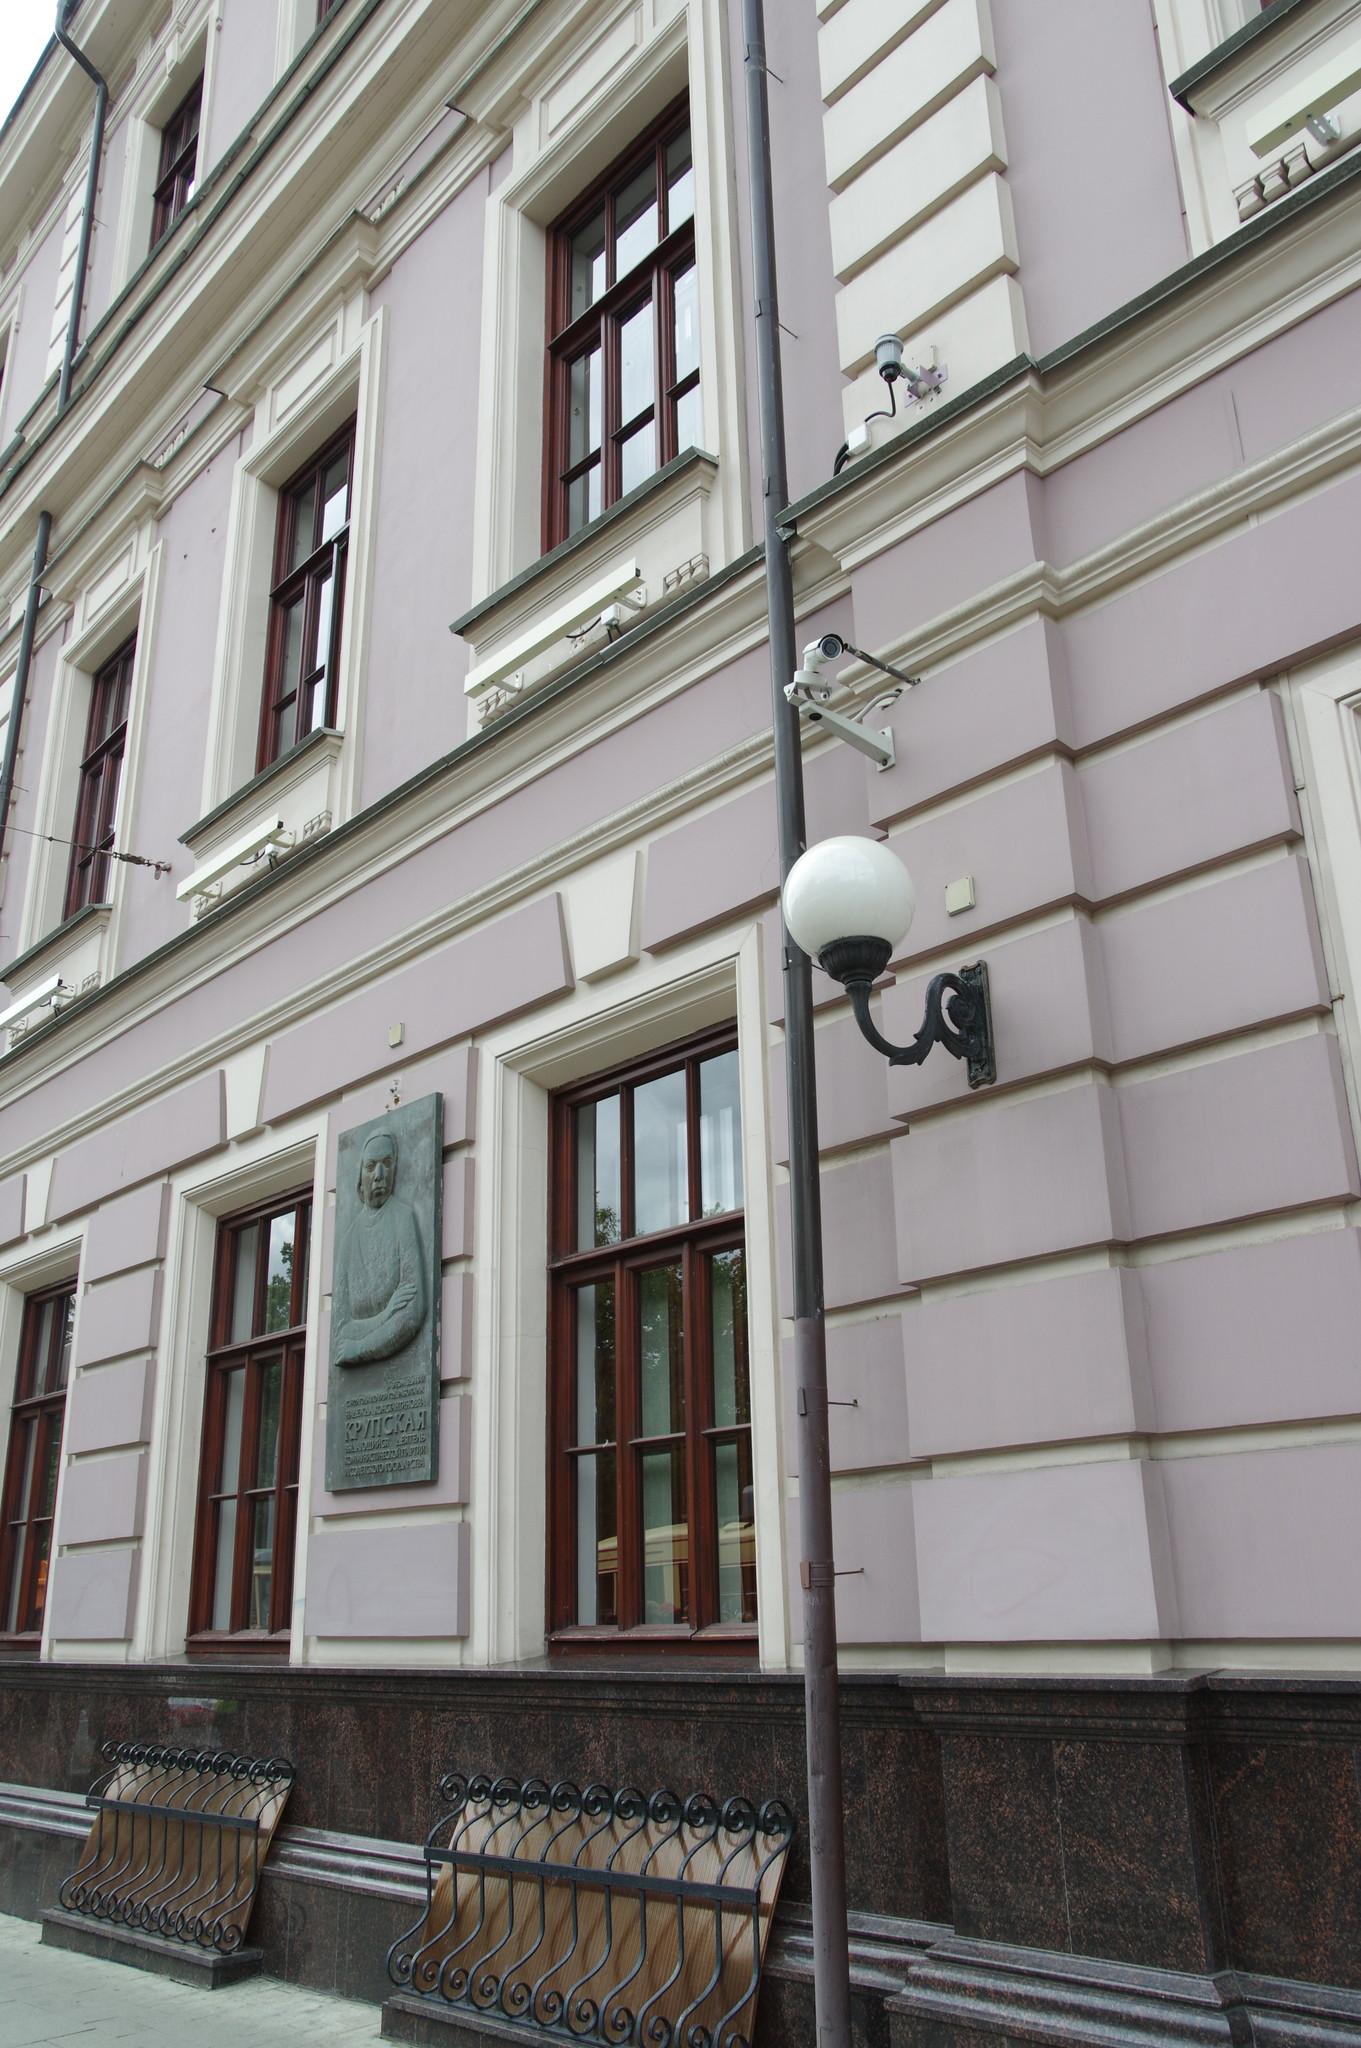 Чистопрудный бульвар, дом 6/19. В 1925-1939 годах дом занимал Наркомпрос, где в те же годы работала Н.К. Крупская (мемориальная доска на фасаде)